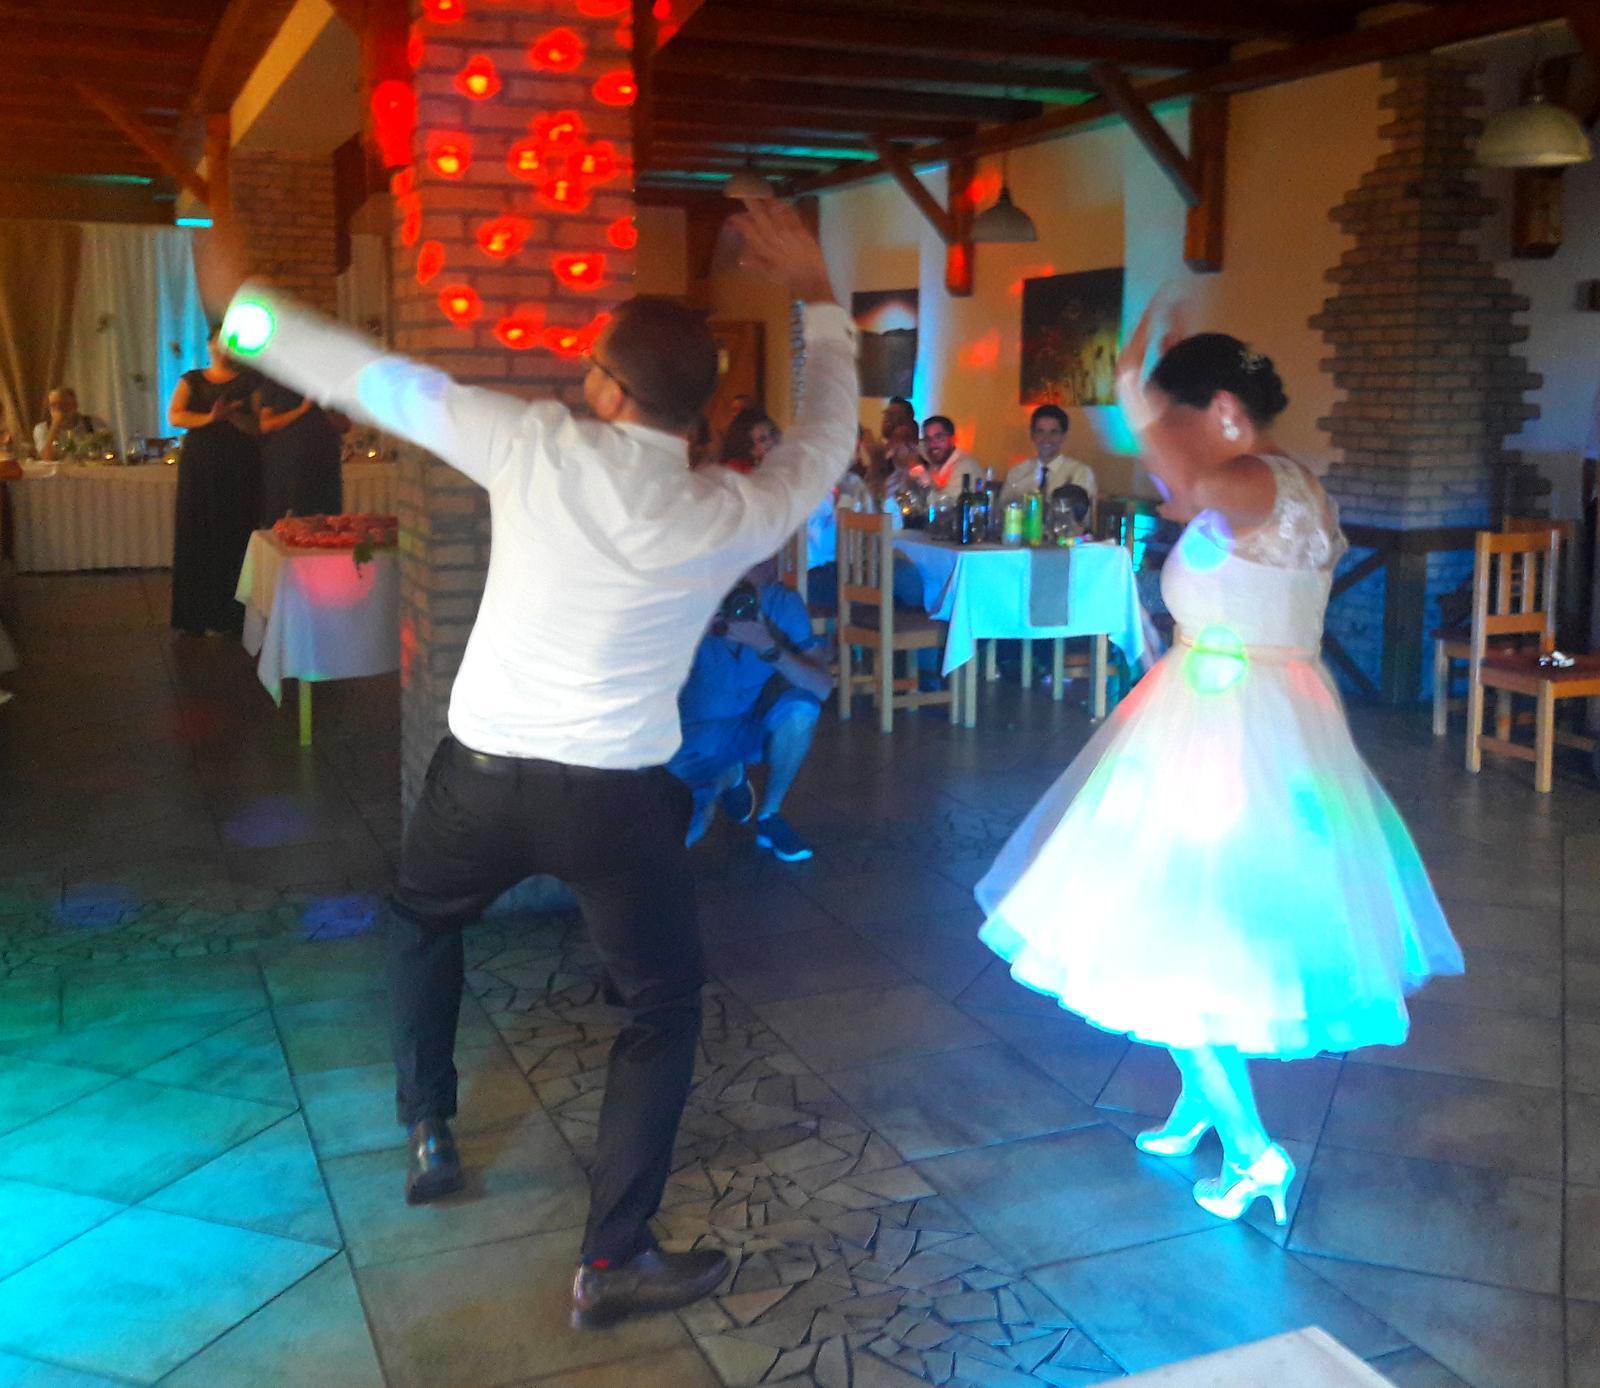 Djka eLLy d - Veselý prvý tanec Jakuba a Júlie :) za mixom dj eLLy d